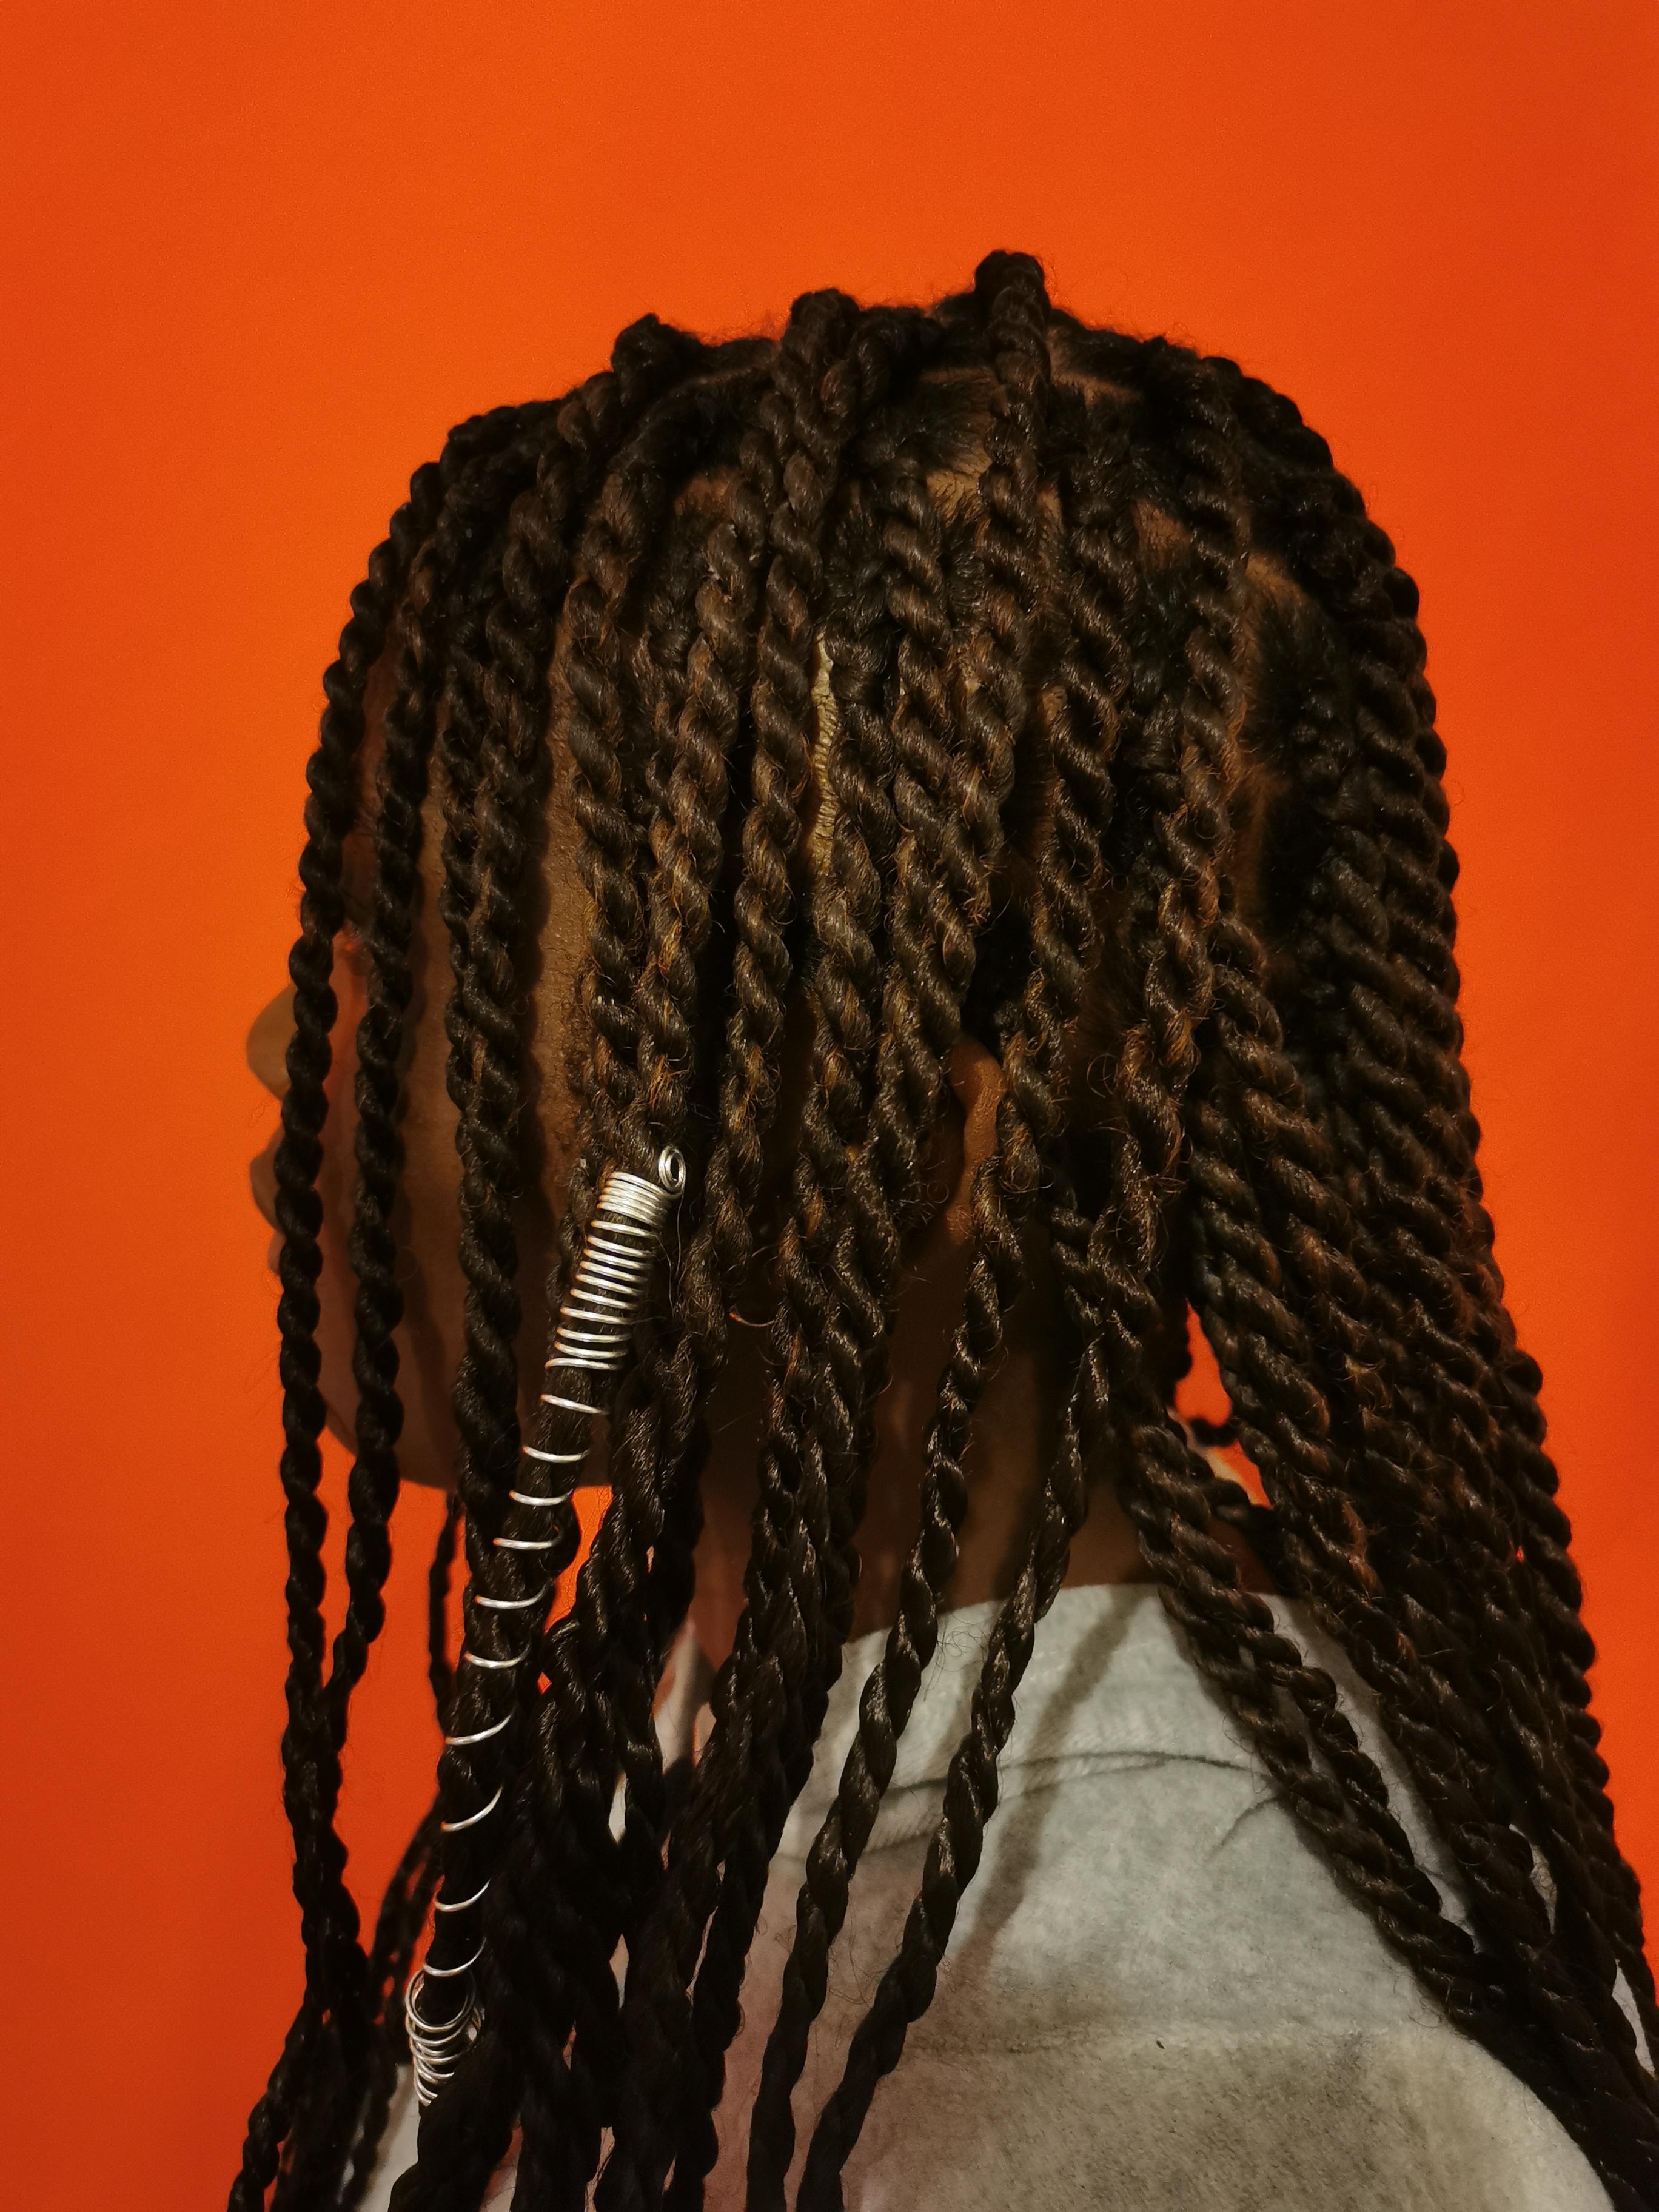 salon de coiffure afro tresse tresses box braids crochet braids vanilles tissages paris 75 77 78 91 92 93 94 95 UQANUVTY